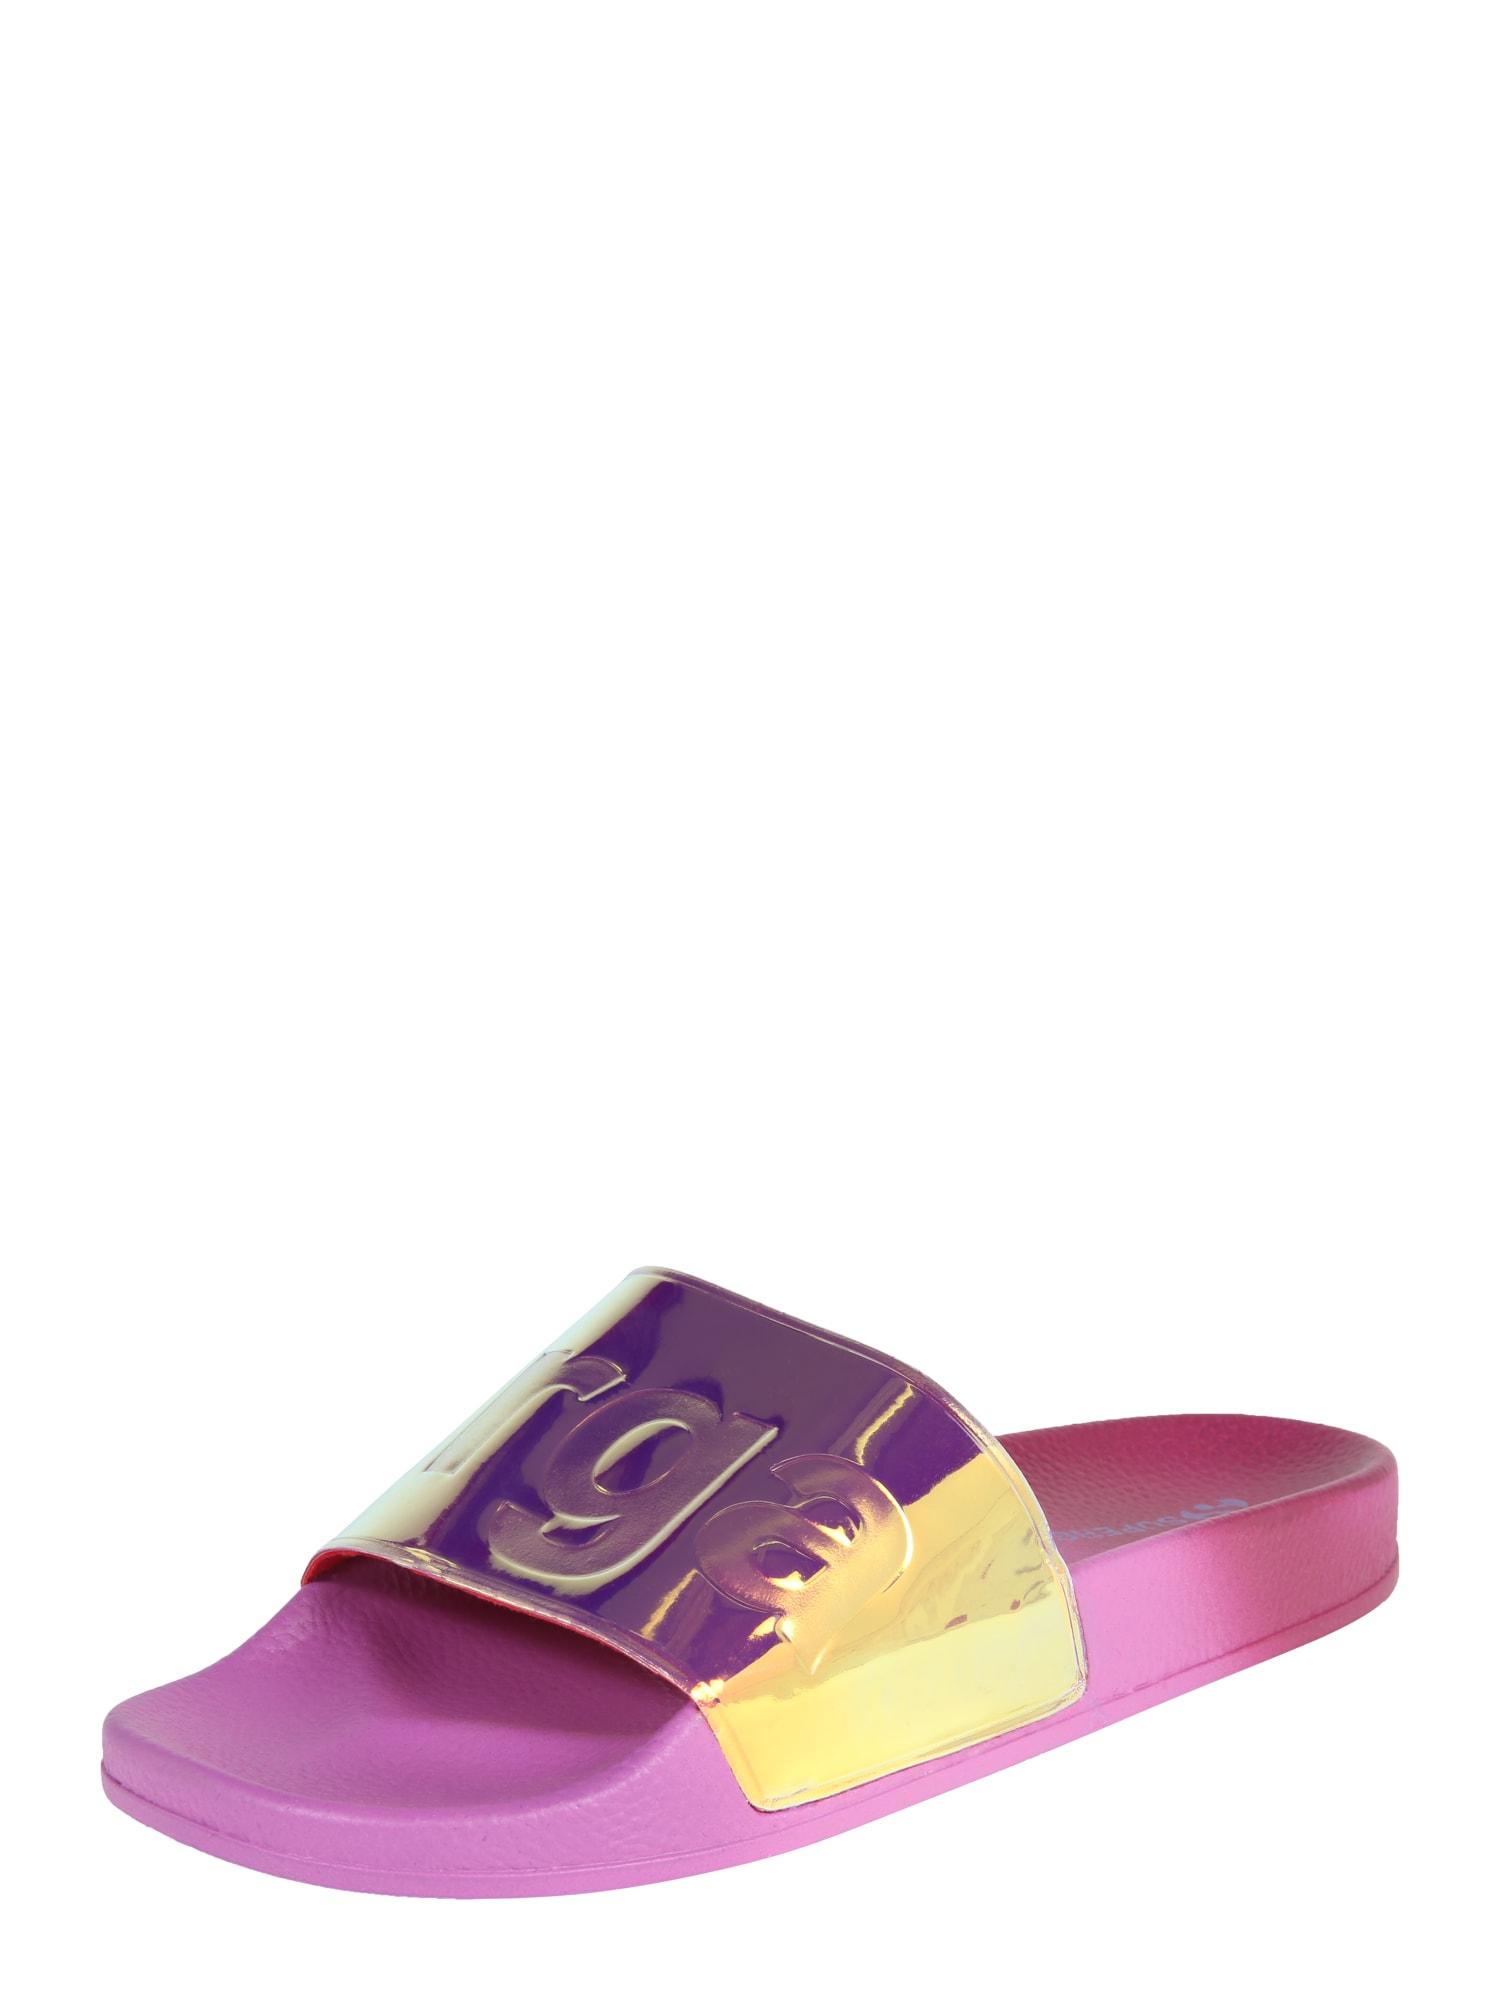 Pantofle 1908 fialová magenta SUPERGA